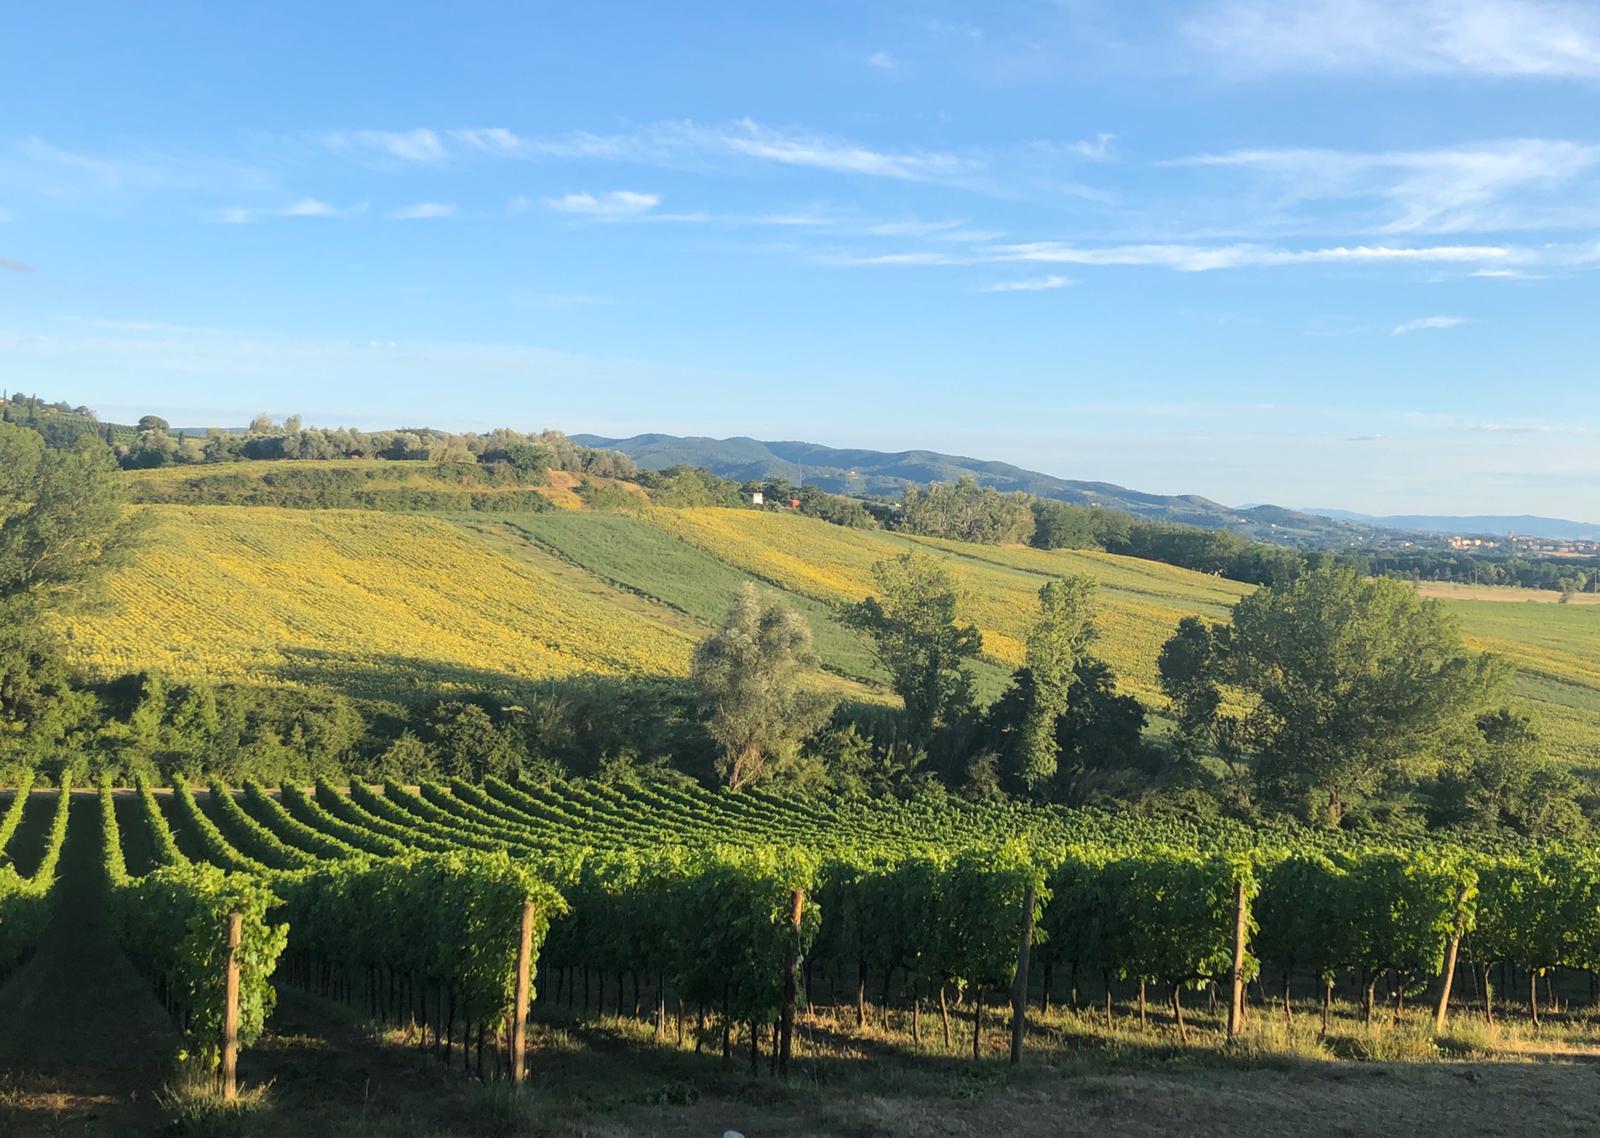 Wood & Wine: Vino e Legno con Light Dinner e Intermezzi d'Arpa